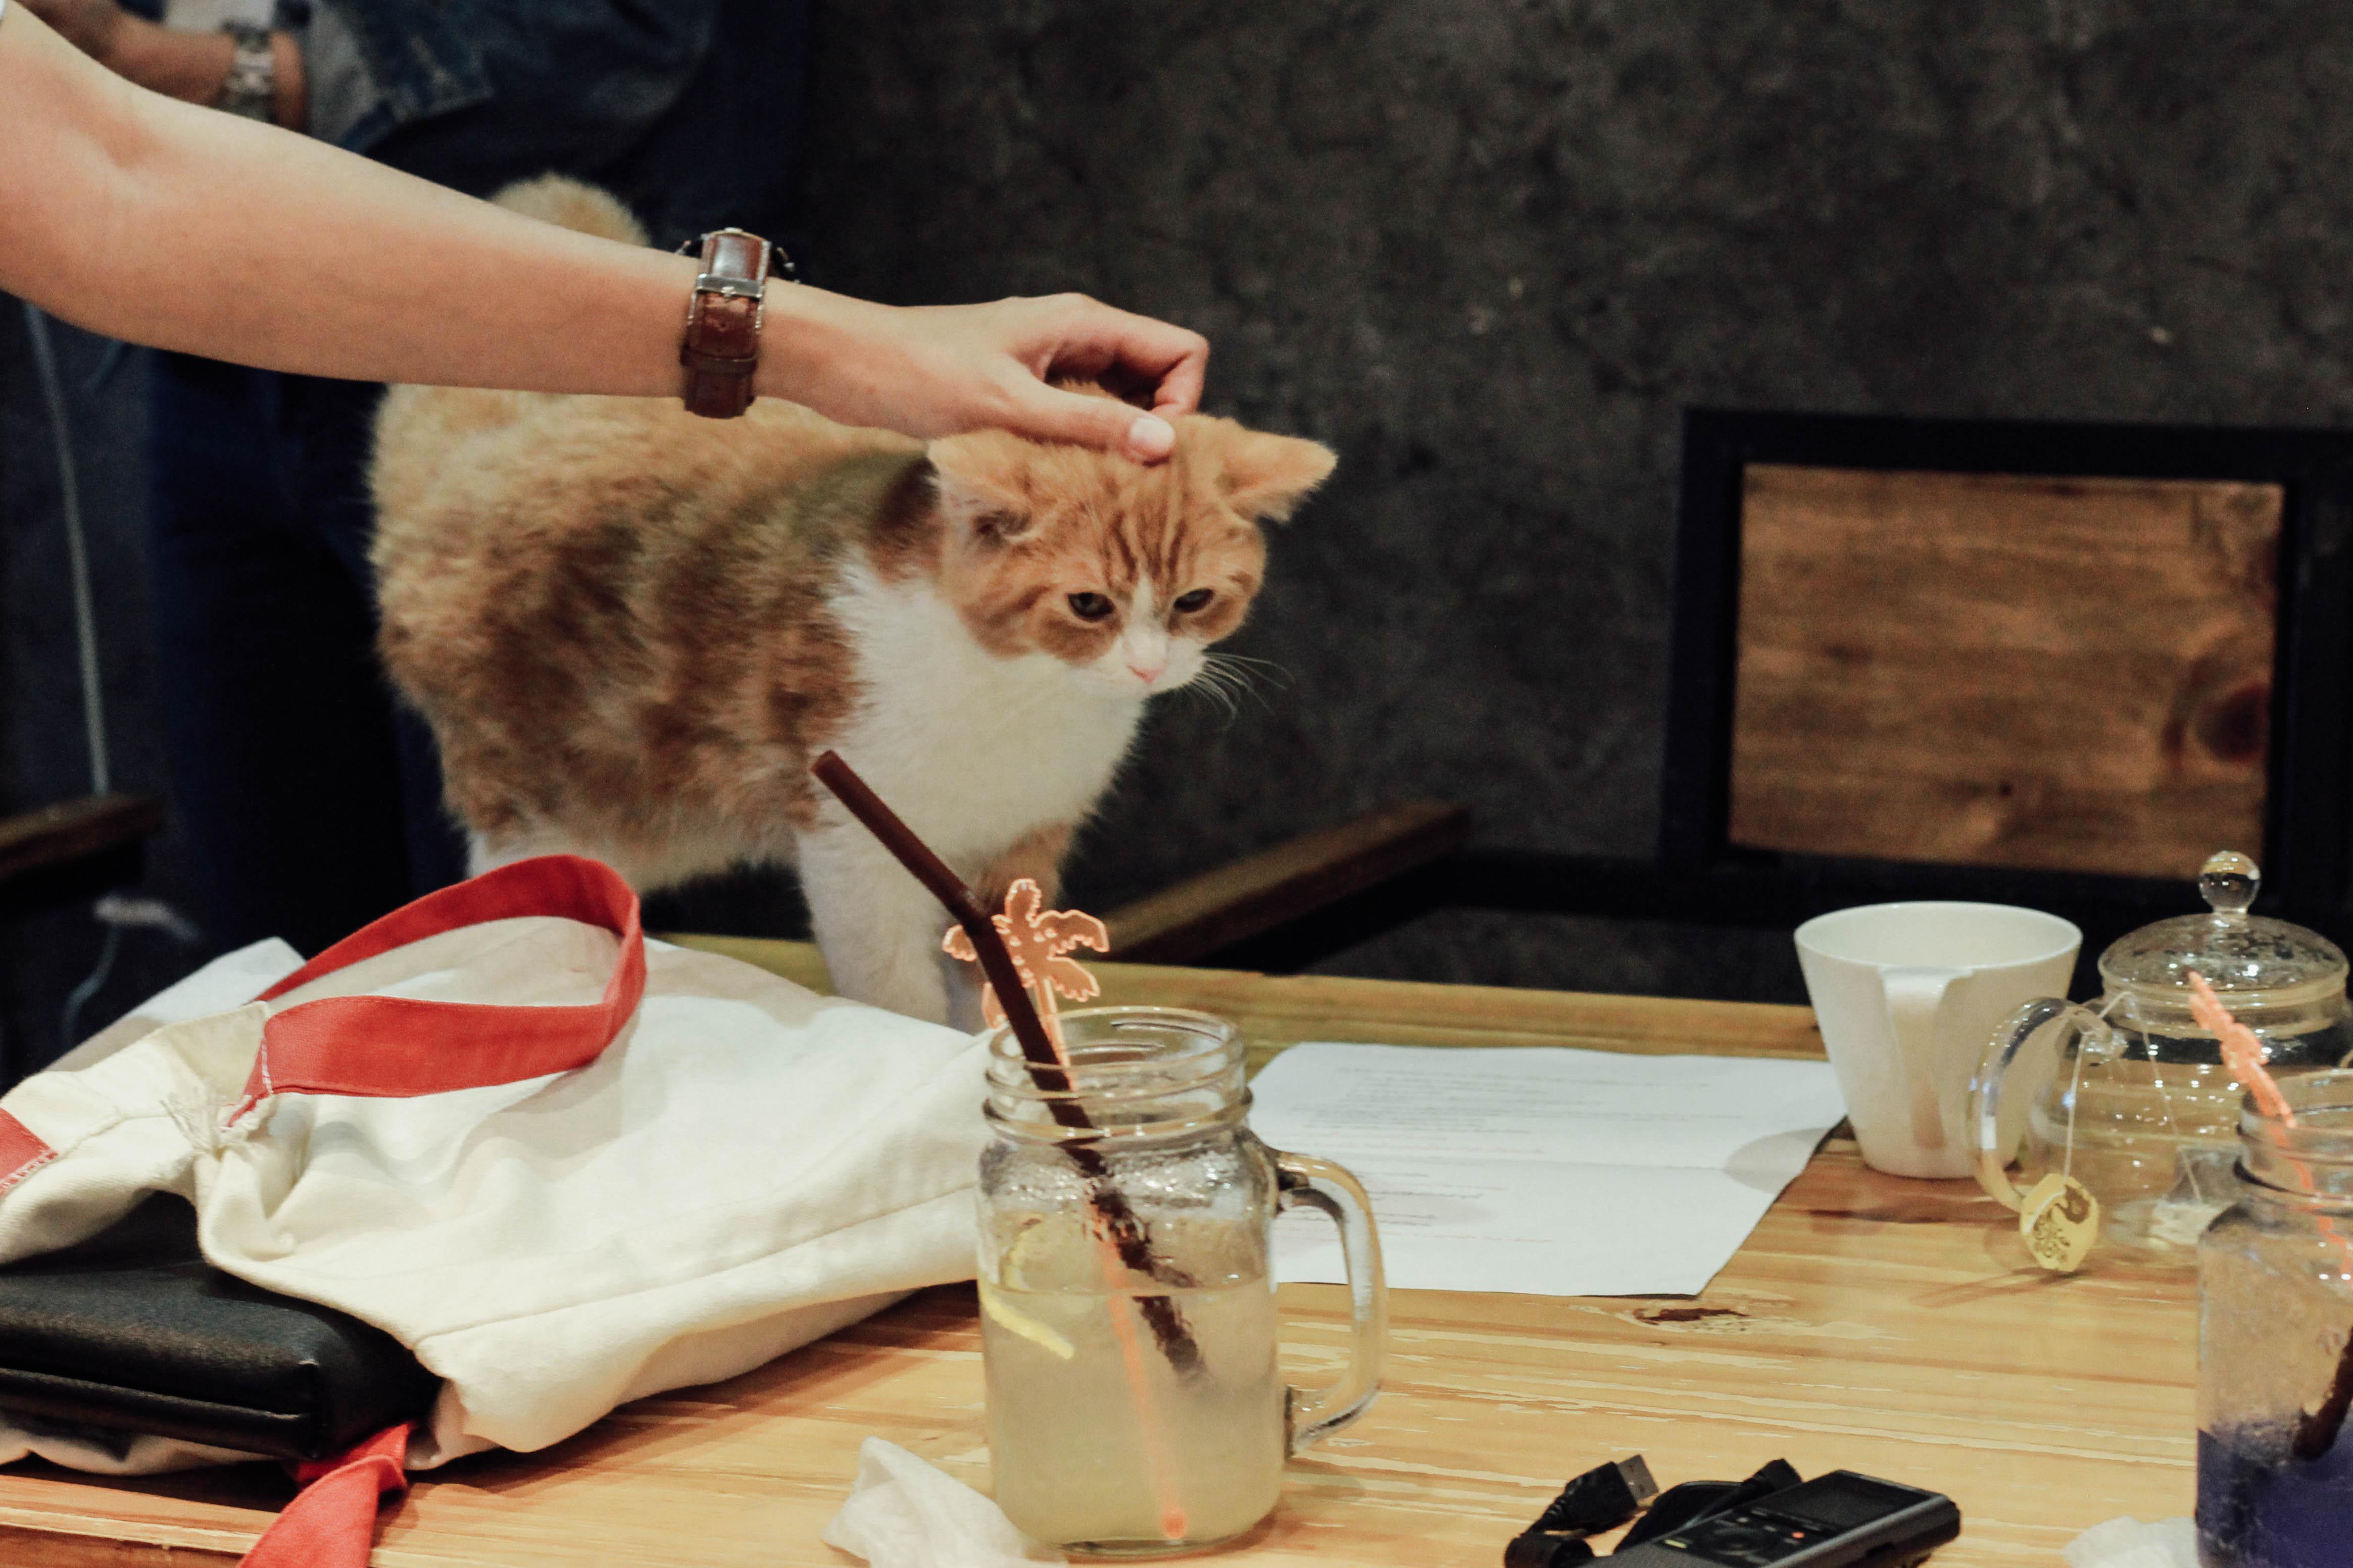 รีวิวร้าน The Animal Cafe คาเฟ่สัตว์ย่านพระราม 3